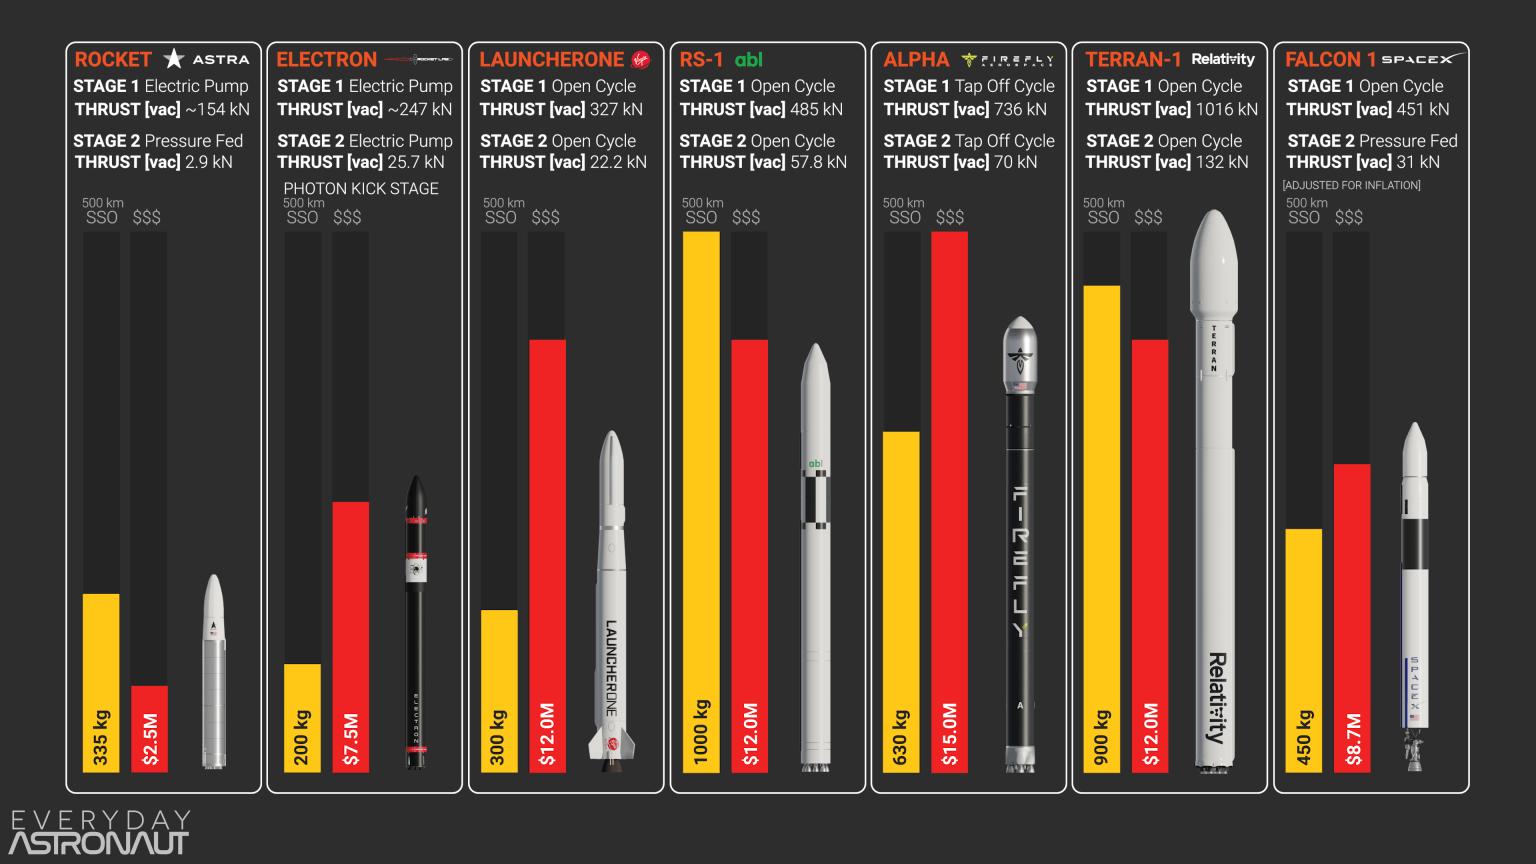 Capacidad estimada de carga a OSS, precio estimado y ciclo de motor para cada lanzador